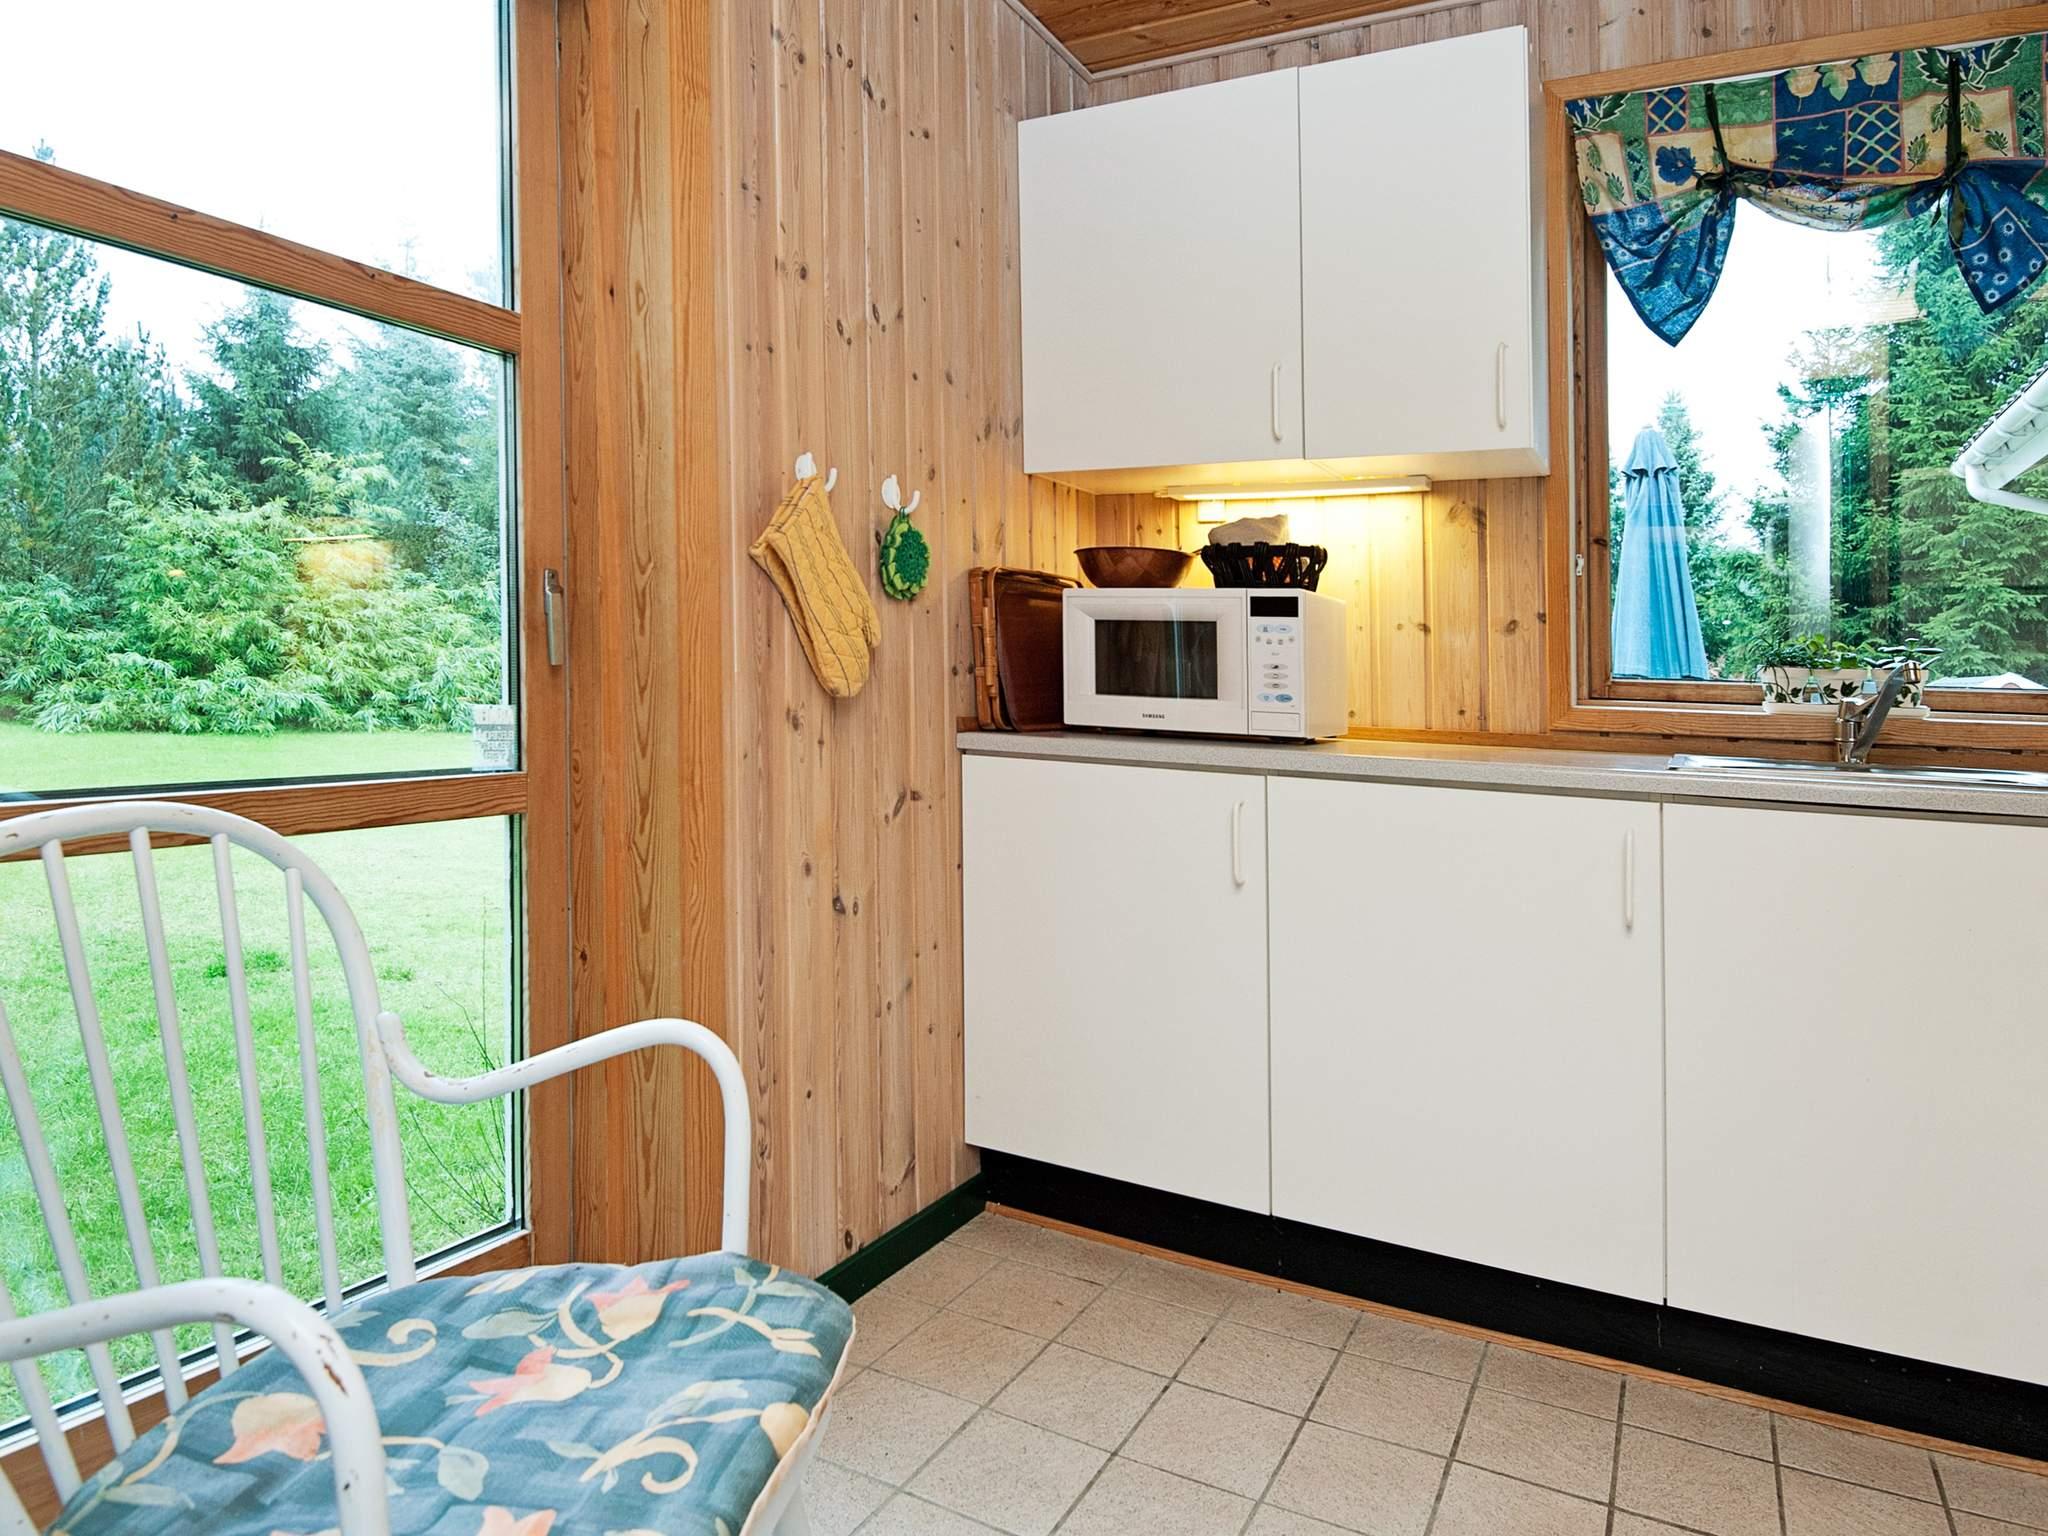 Ferienhaus Silkeborg (995795), Silkeborg, , Ostjütland, Dänemark, Bild 4